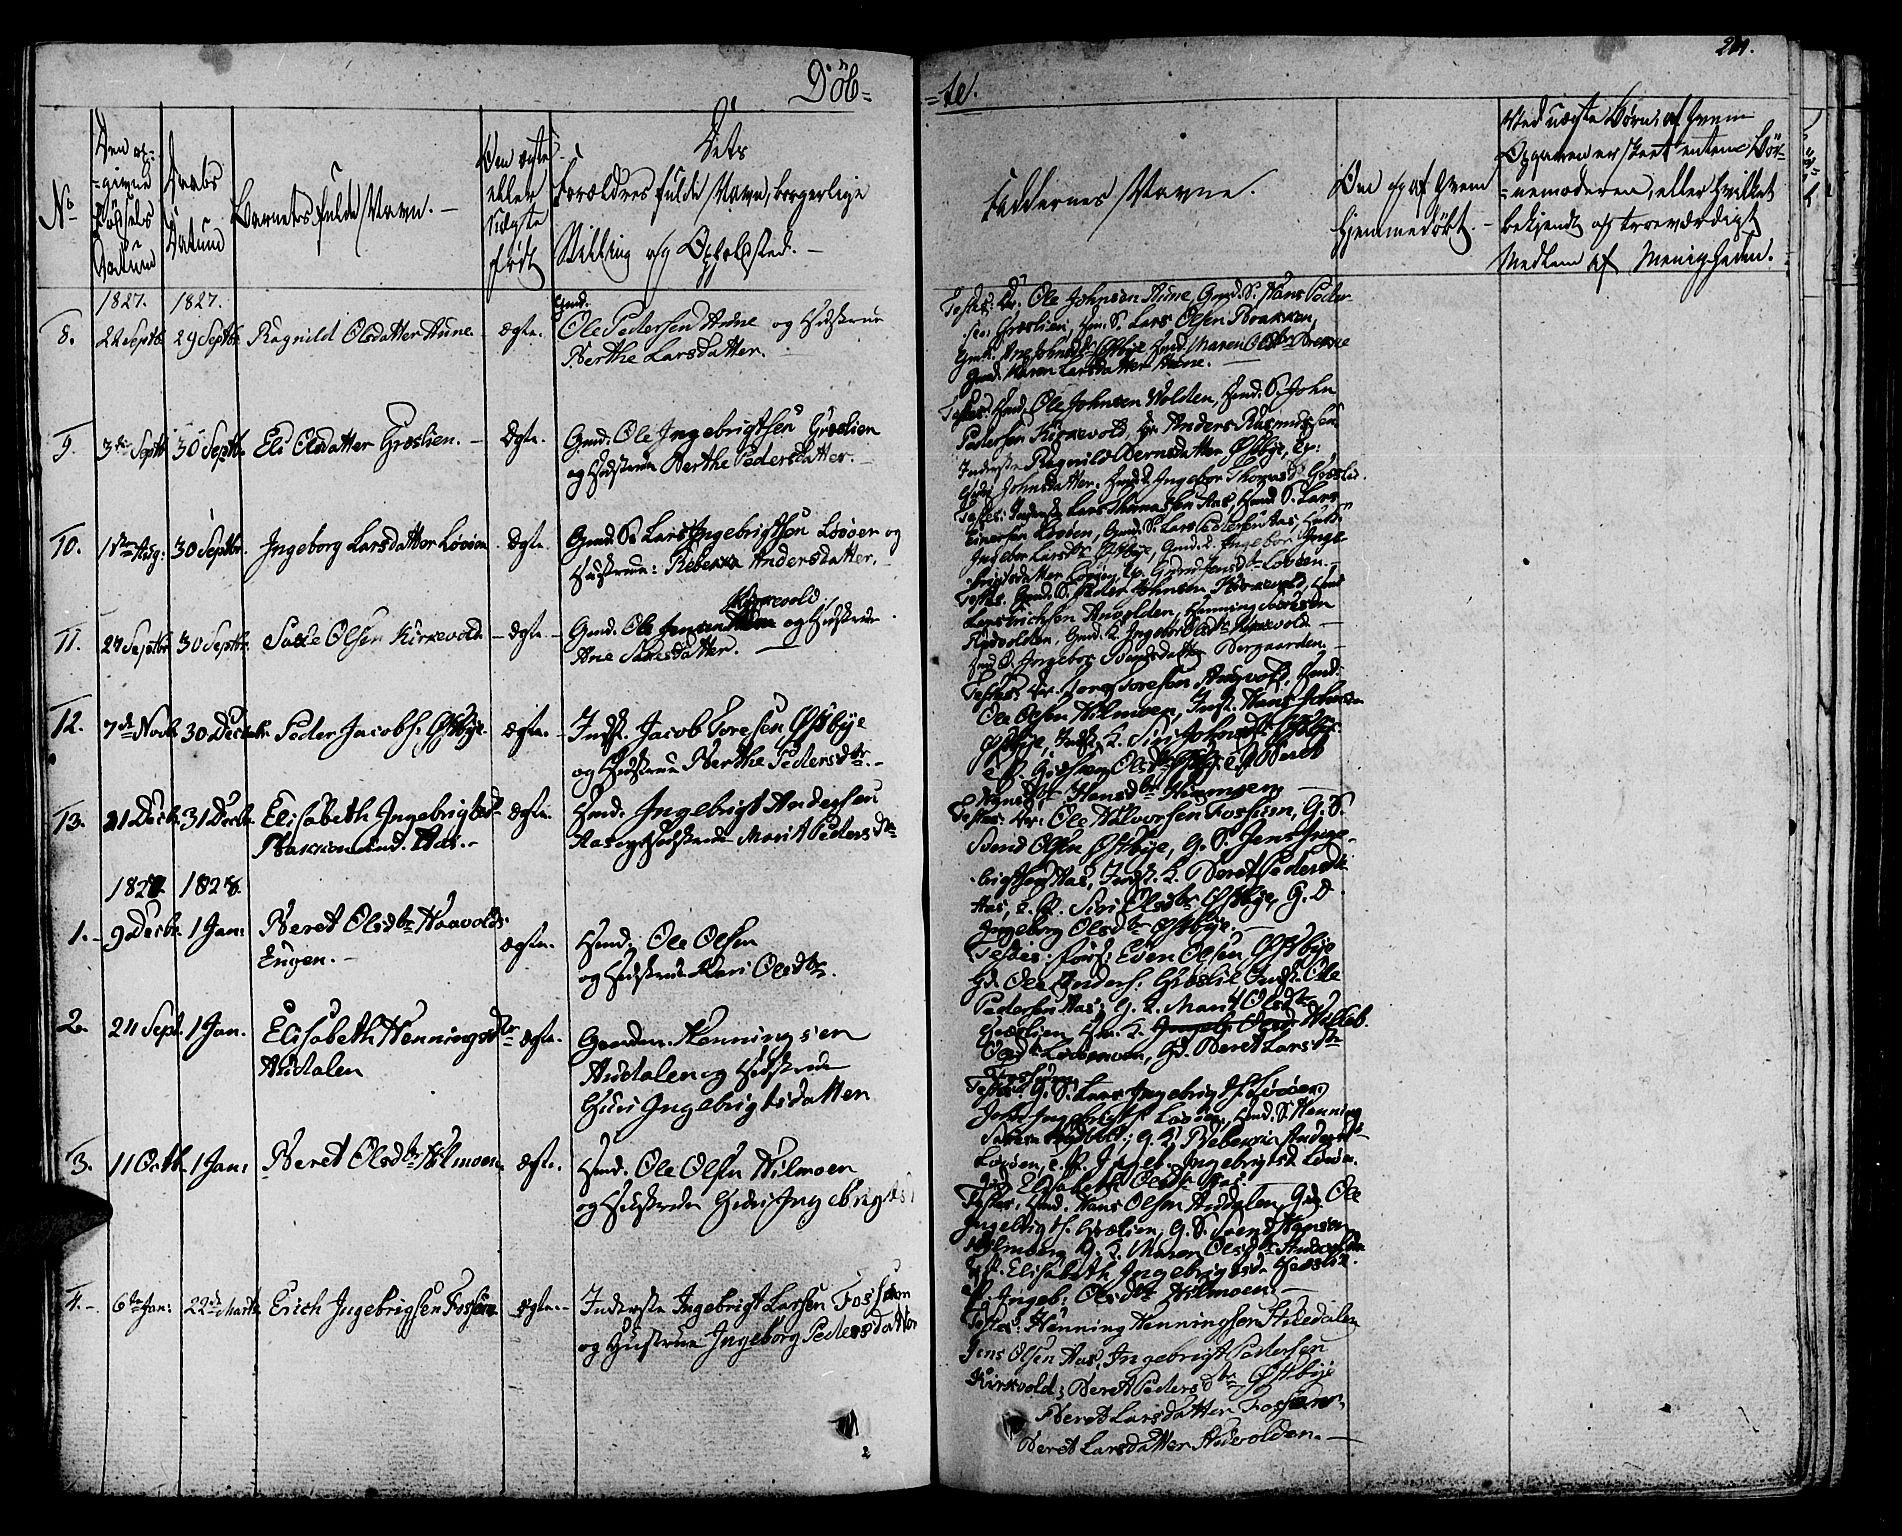 SAT, Ministerialprotokoller, klokkerbøker og fødselsregistre - Sør-Trøndelag, 695/L1144: Ministerialbok nr. 695A05 /2, 1824-1842, s. 211